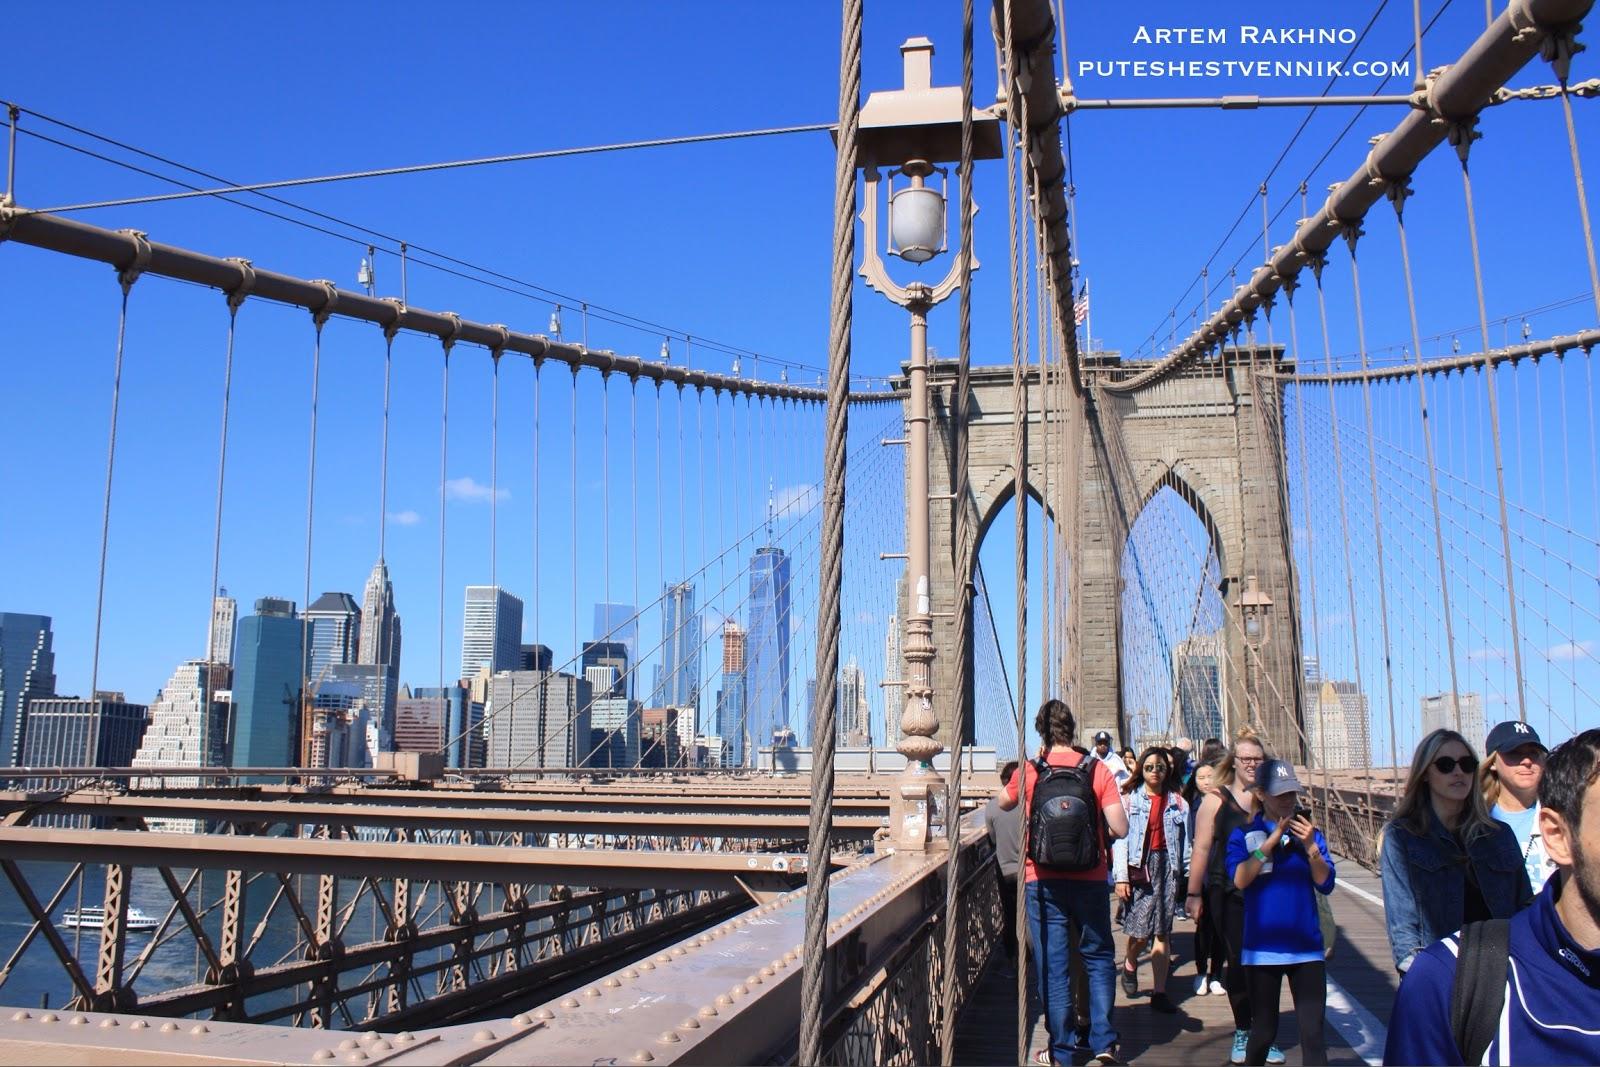 Пешеходы на Бруклинском мосту